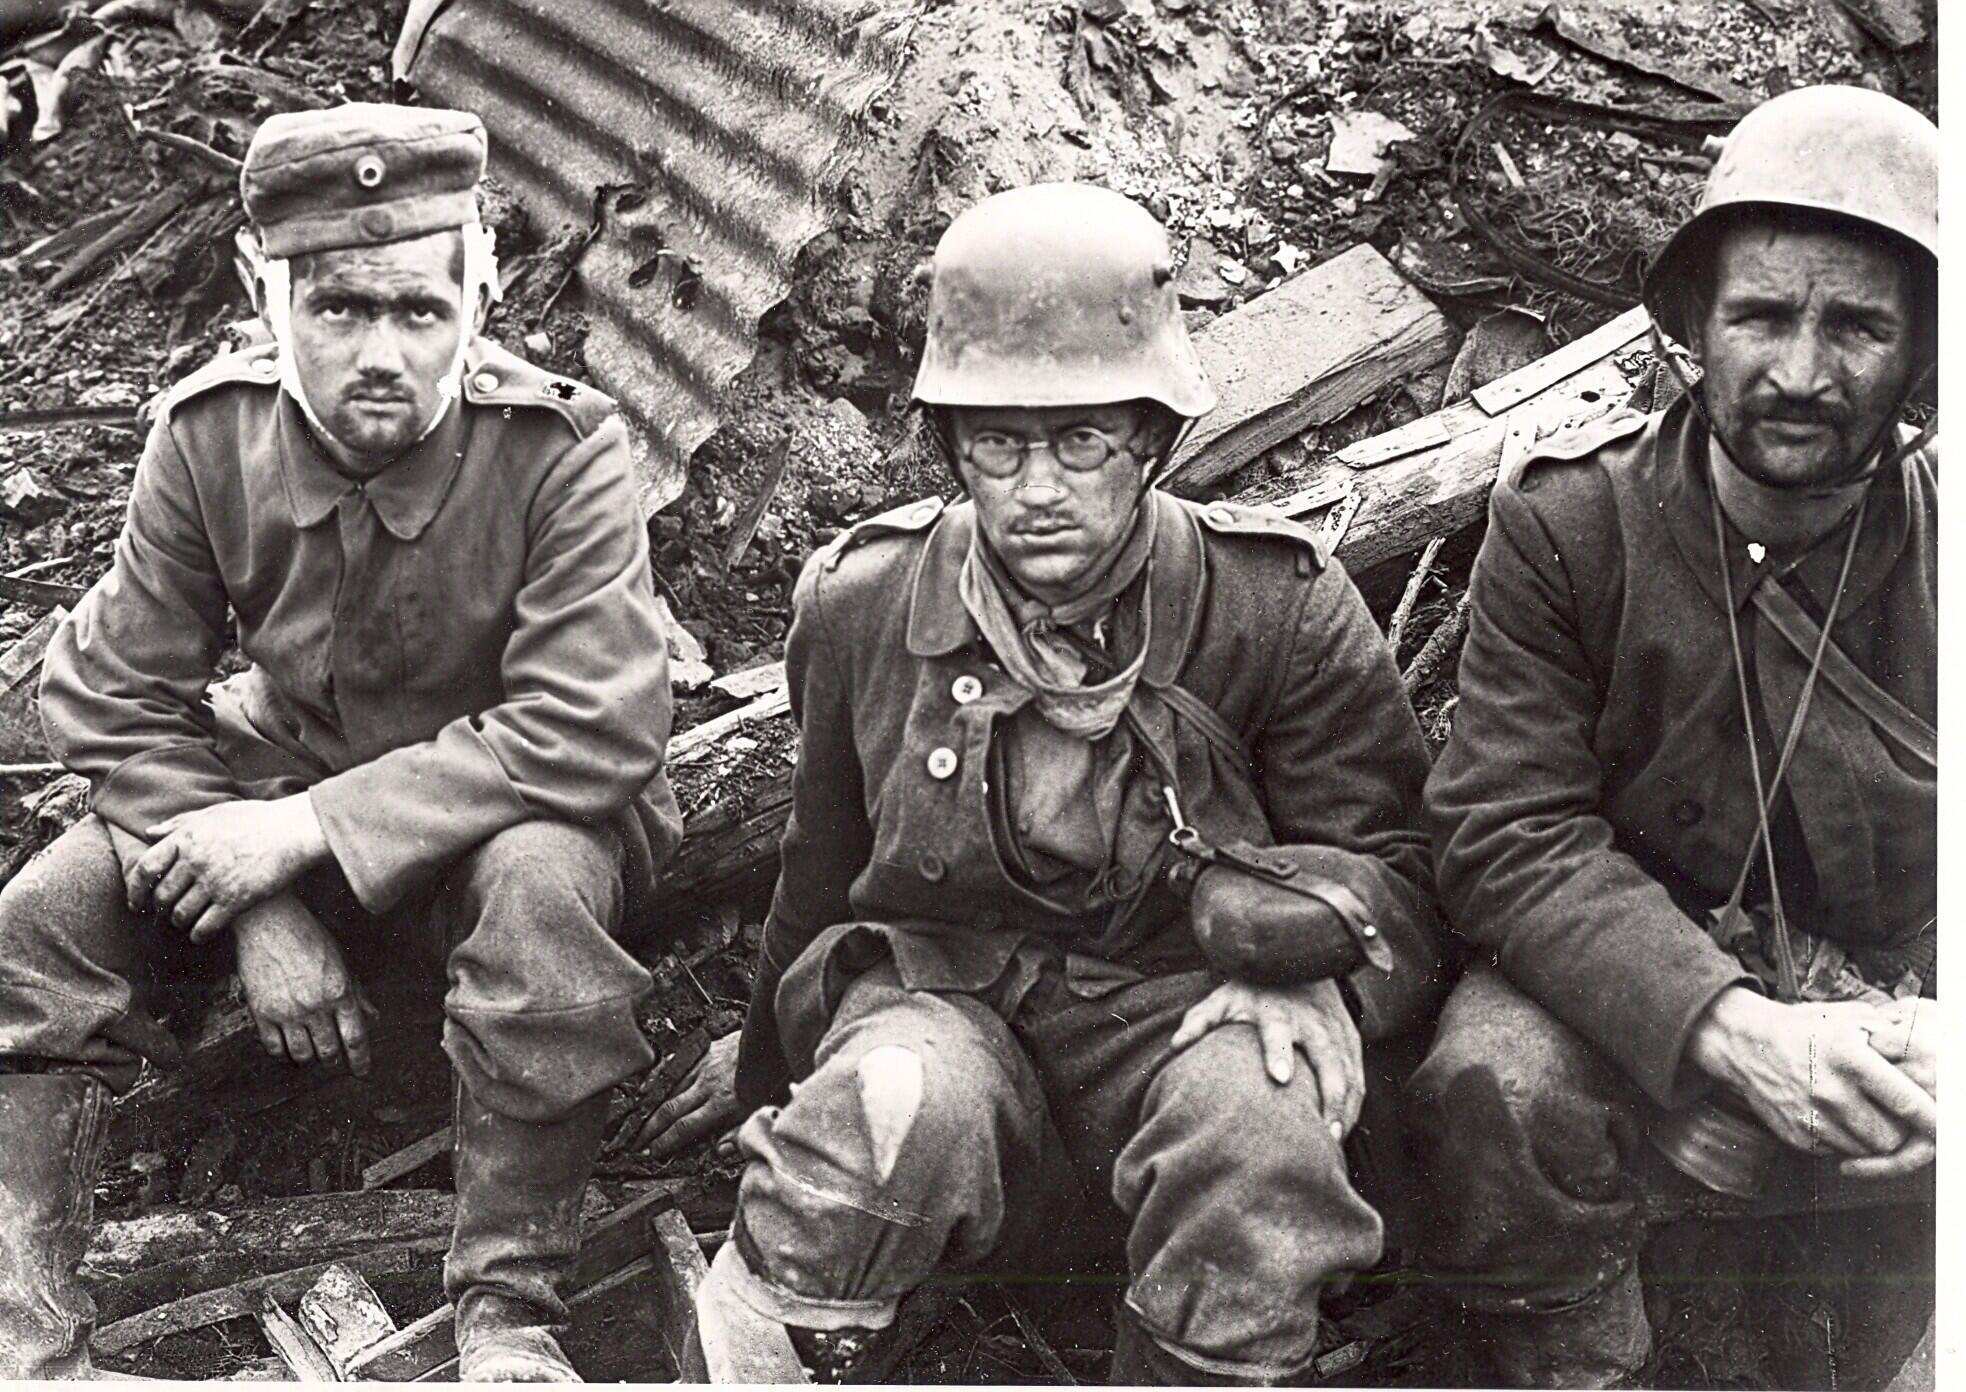 صورة لجنود شاركوا في الحرب العالمية الأولى